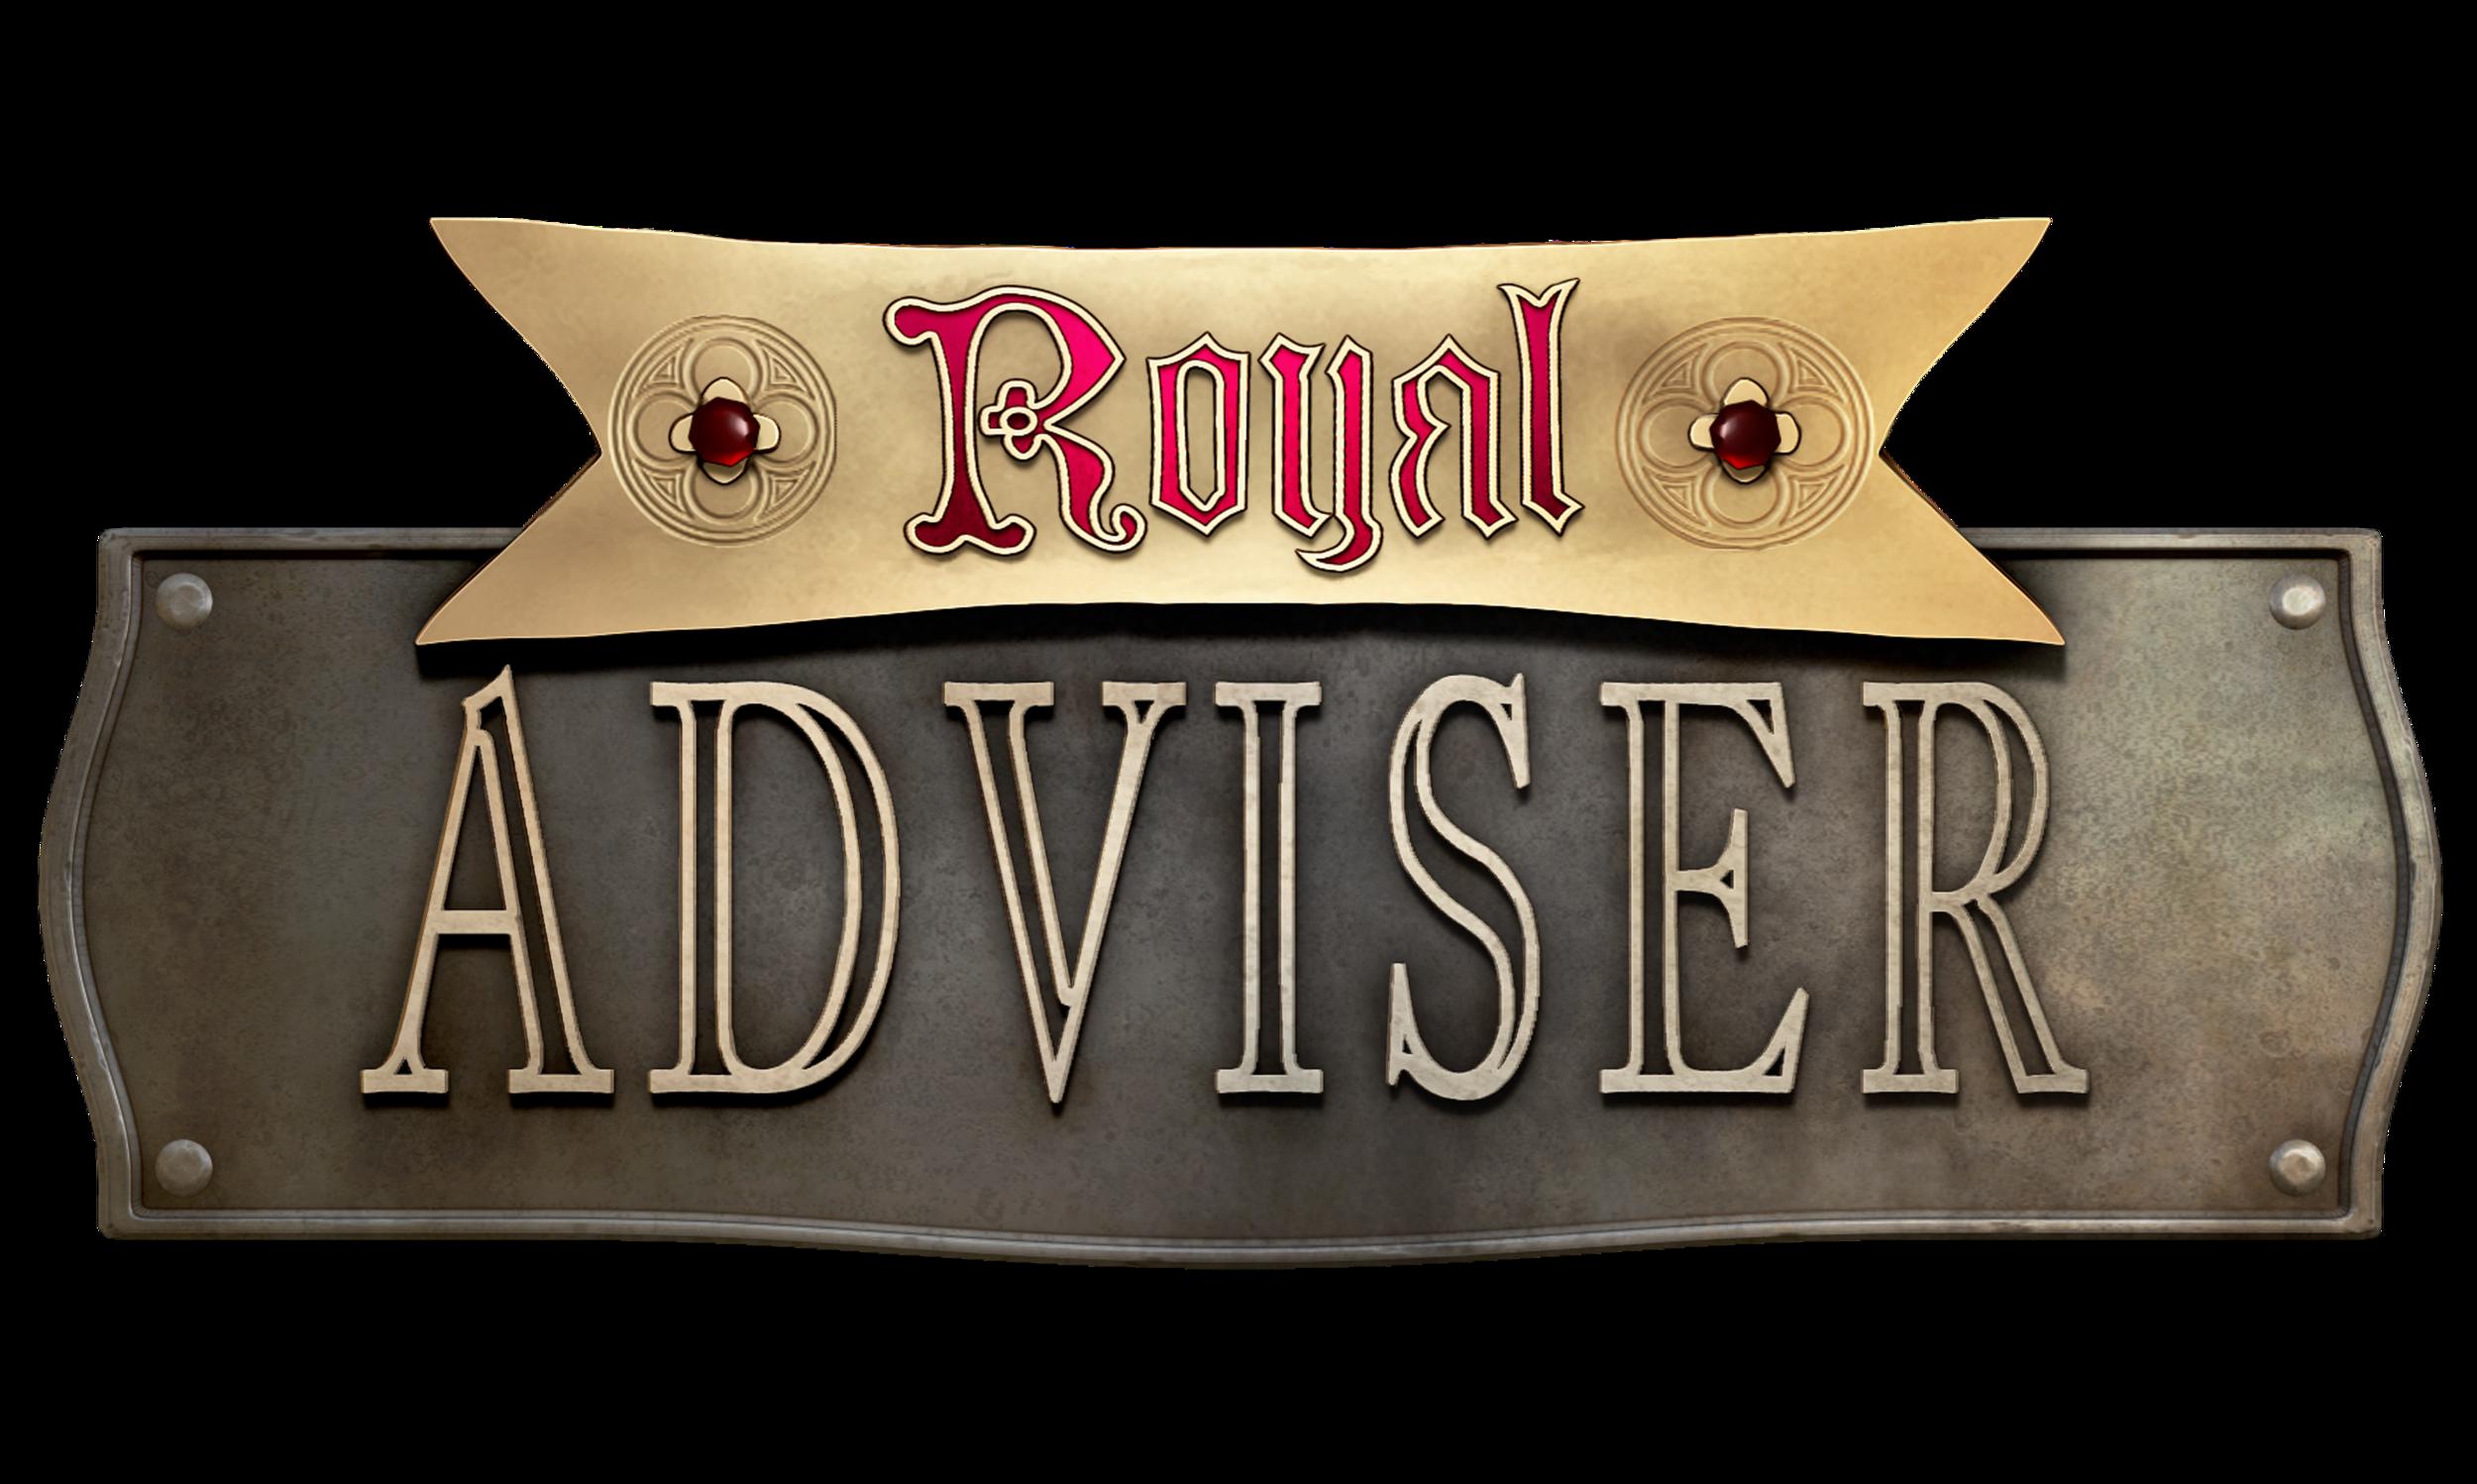 RoyalAdviserLogoV2.png